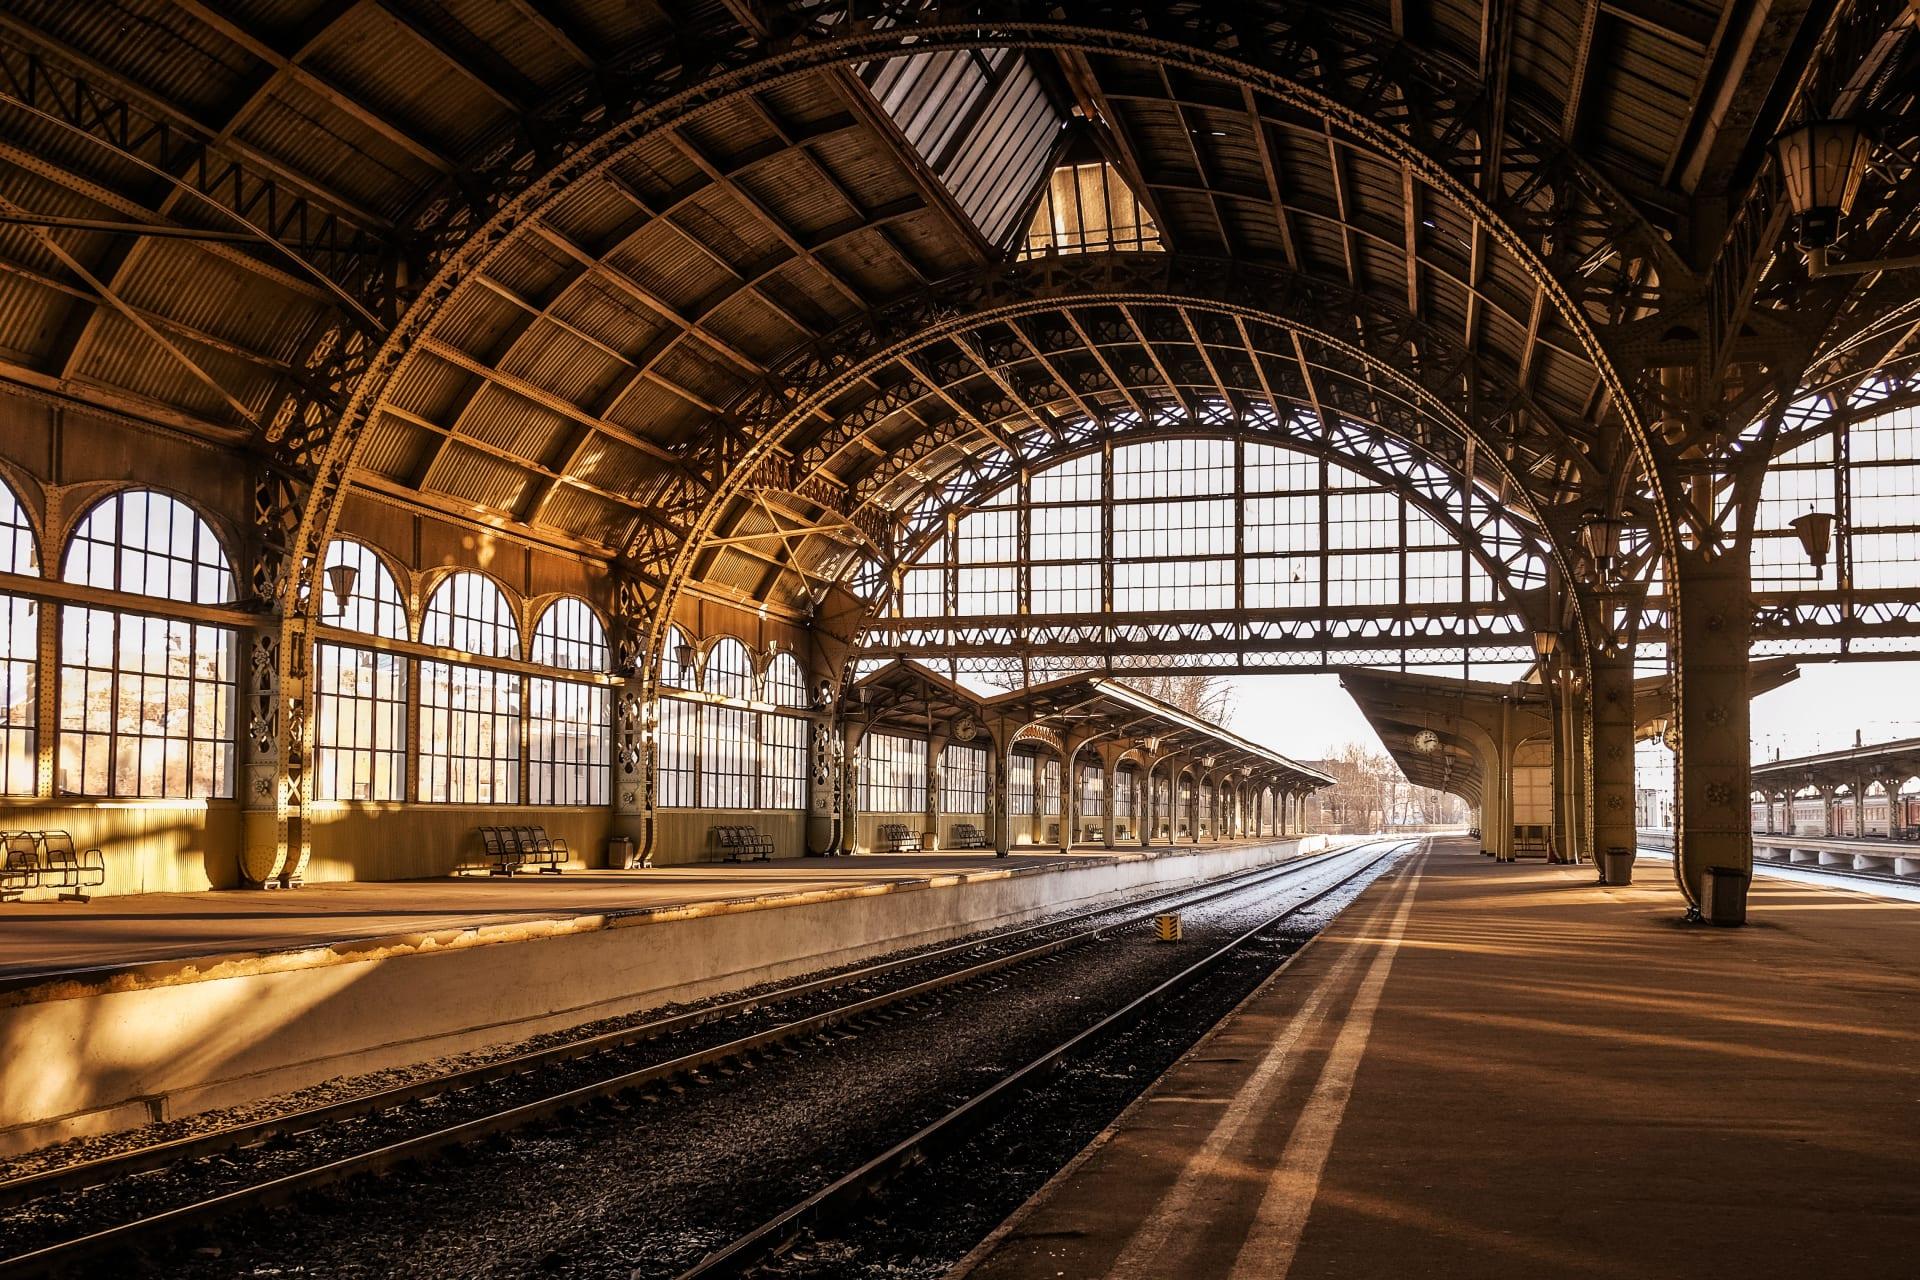 Saint Petersburg - Vitebsky Railway Station